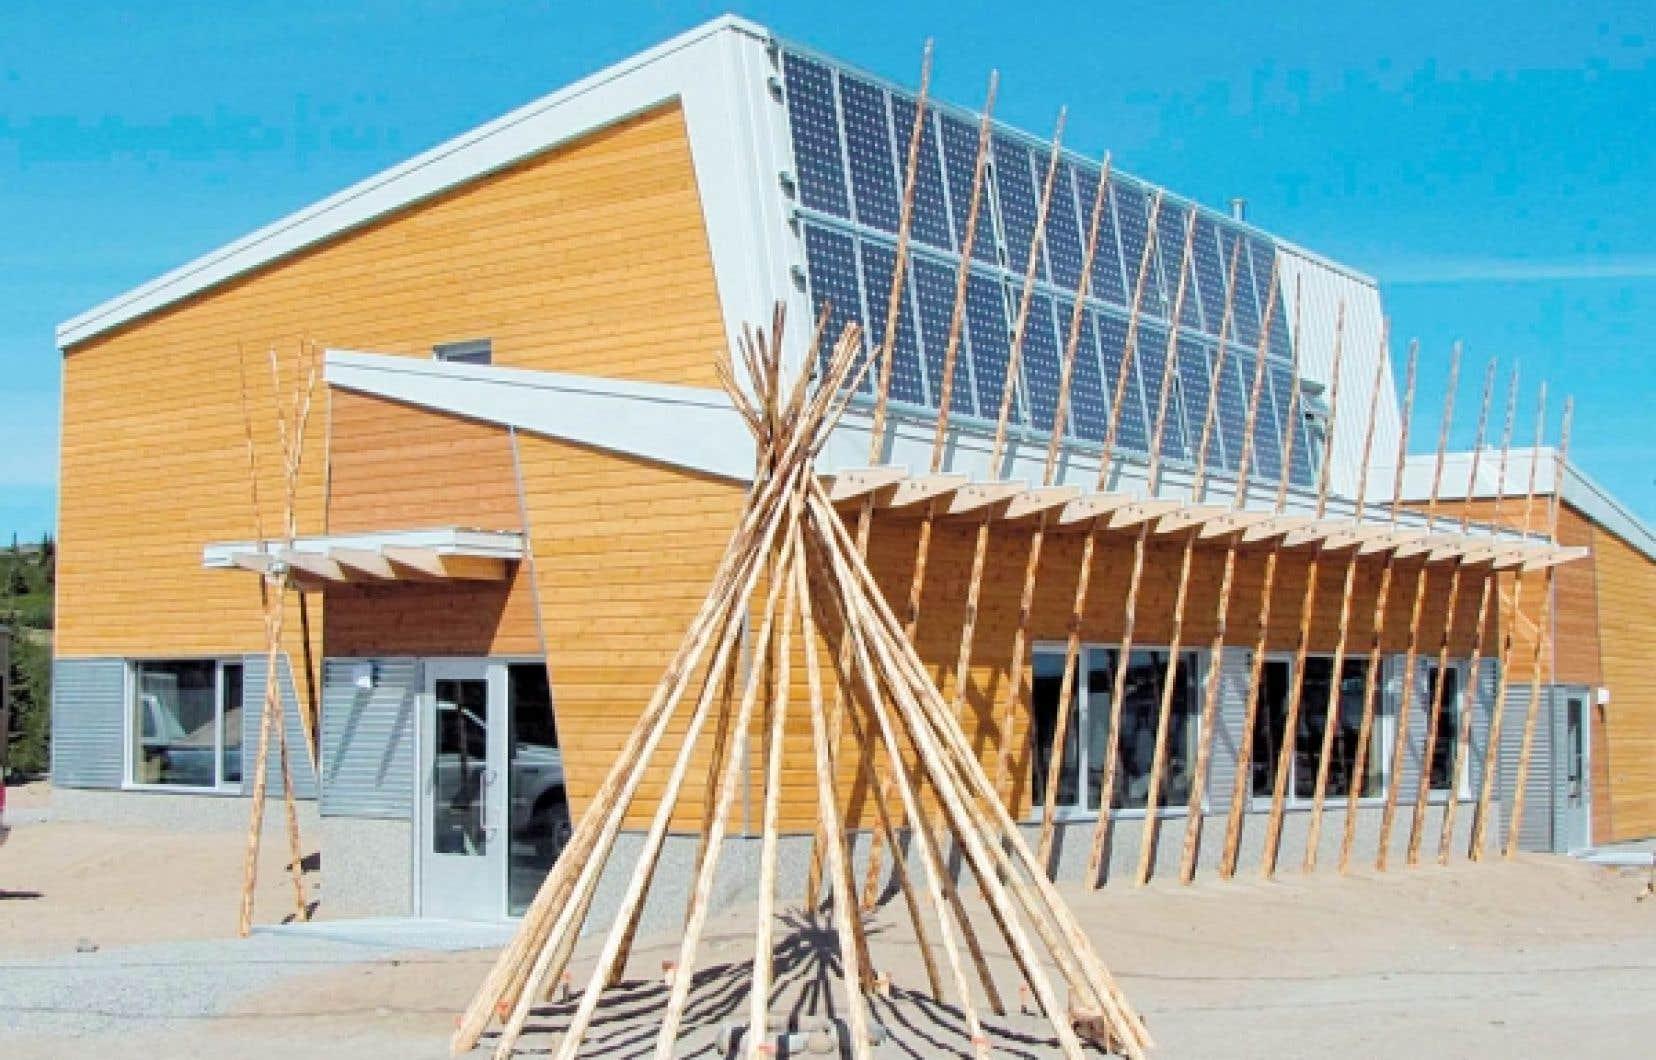 De nouvelles infrastructures verront bientôt le jour à la station de Whapmagoostui-Kuujjuaraapik, dont un centre scientifique communautaire.